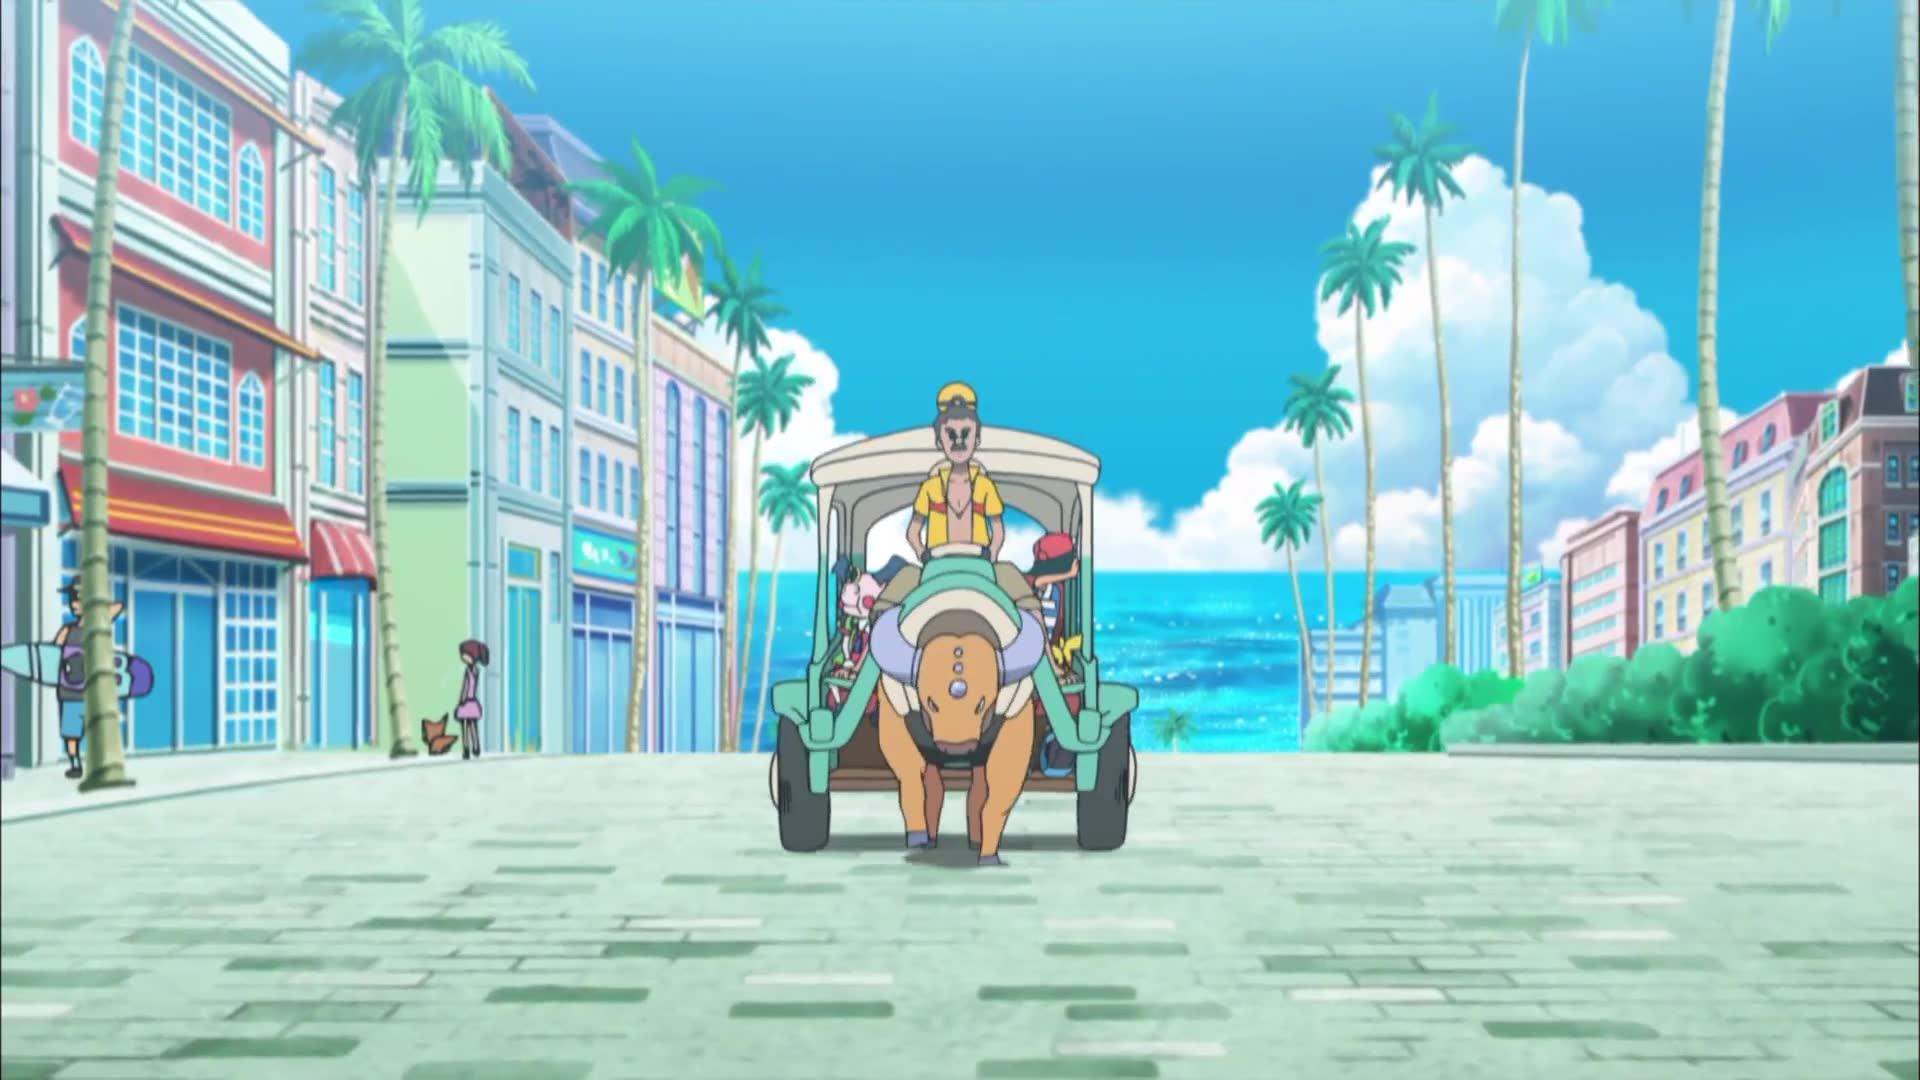 1화 알로라! 첫 번째 섬, 처음 만나는 포켓몬들!!